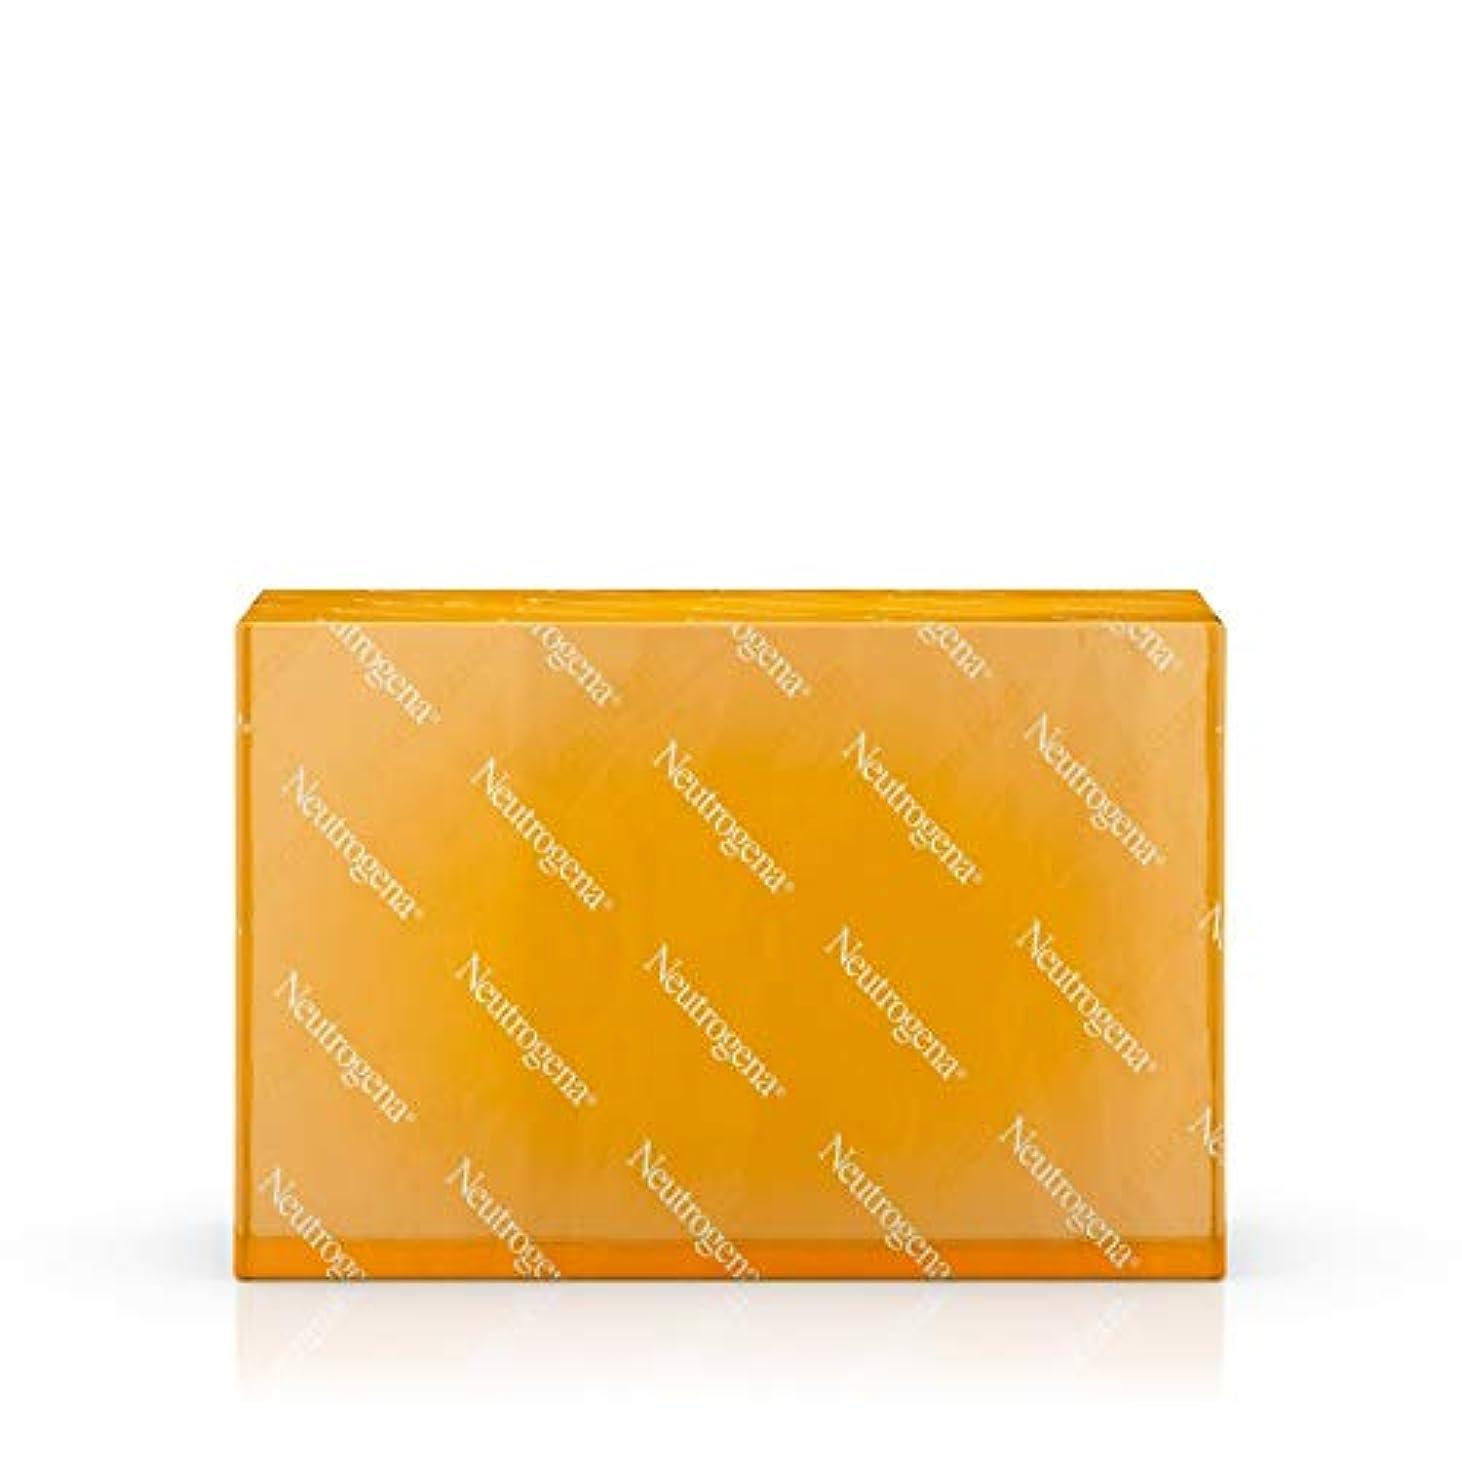 流暢タイト人質海外直送品 Neutrogena Neutrogena Transparent Facial Bar Soap Fragrance Free, Fragrance Free 3.5 oz